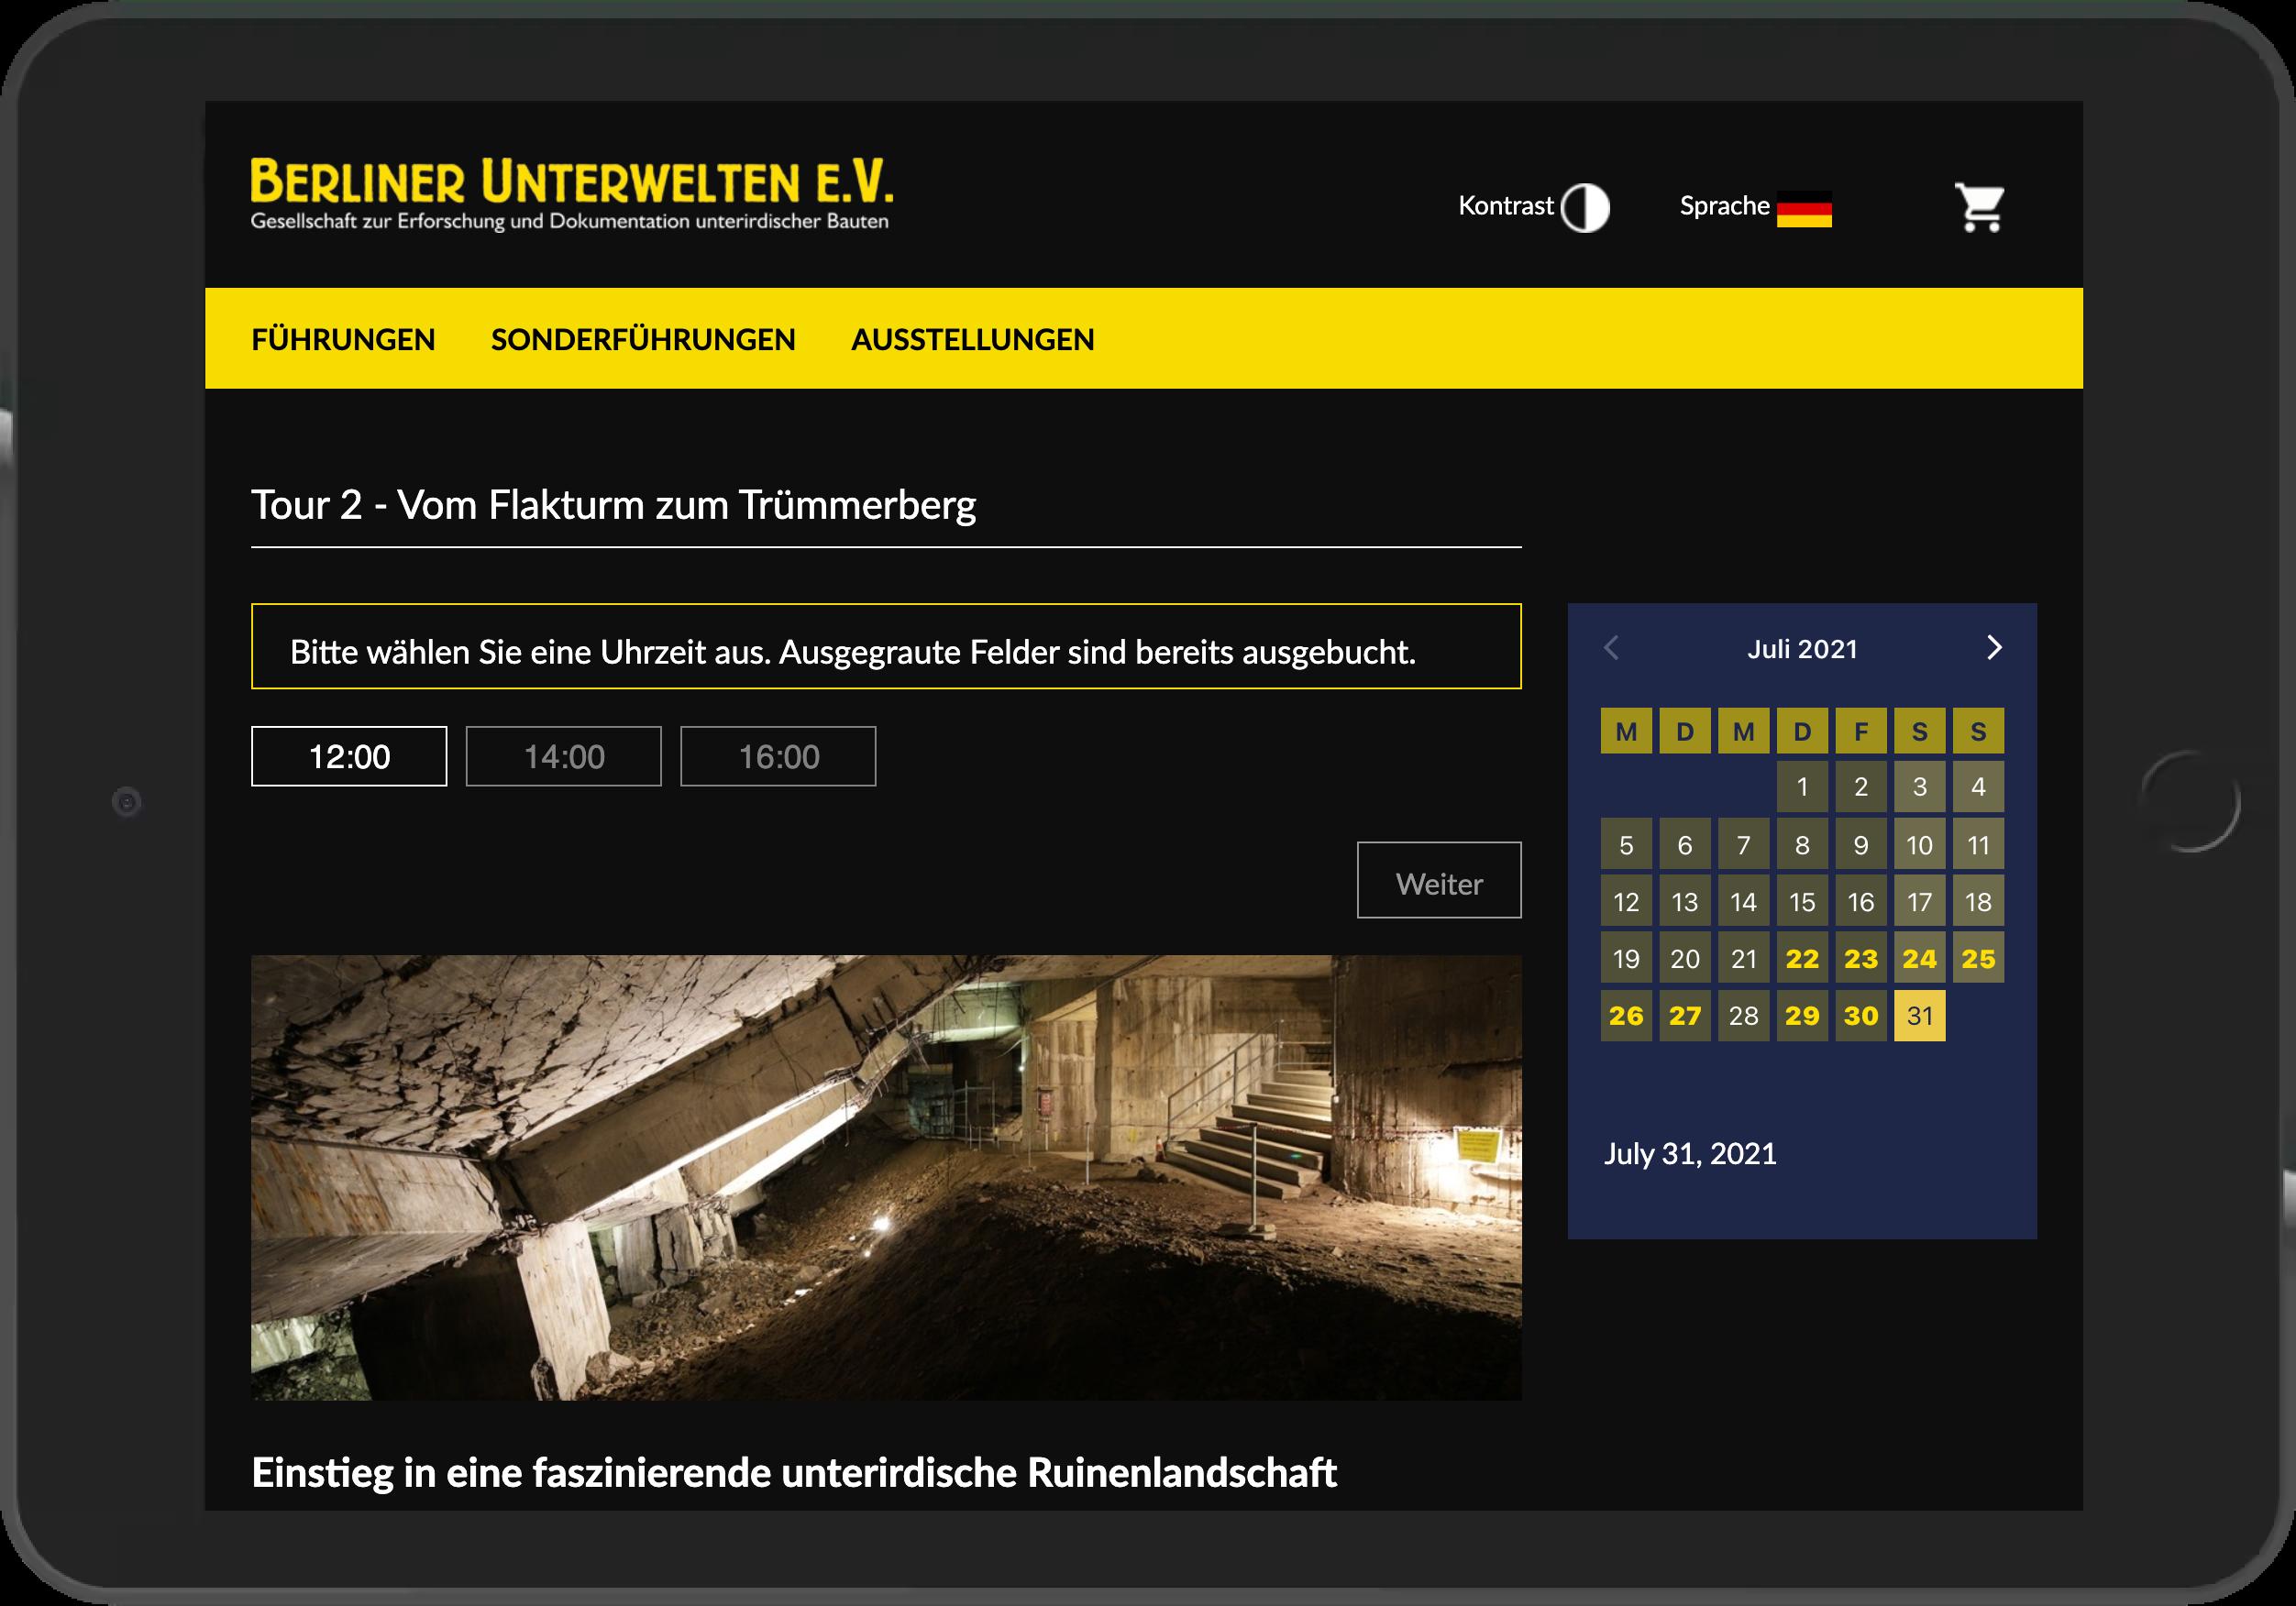 Screenshot der Terminauswahl im Online-Shop der Berliner Unterwelten